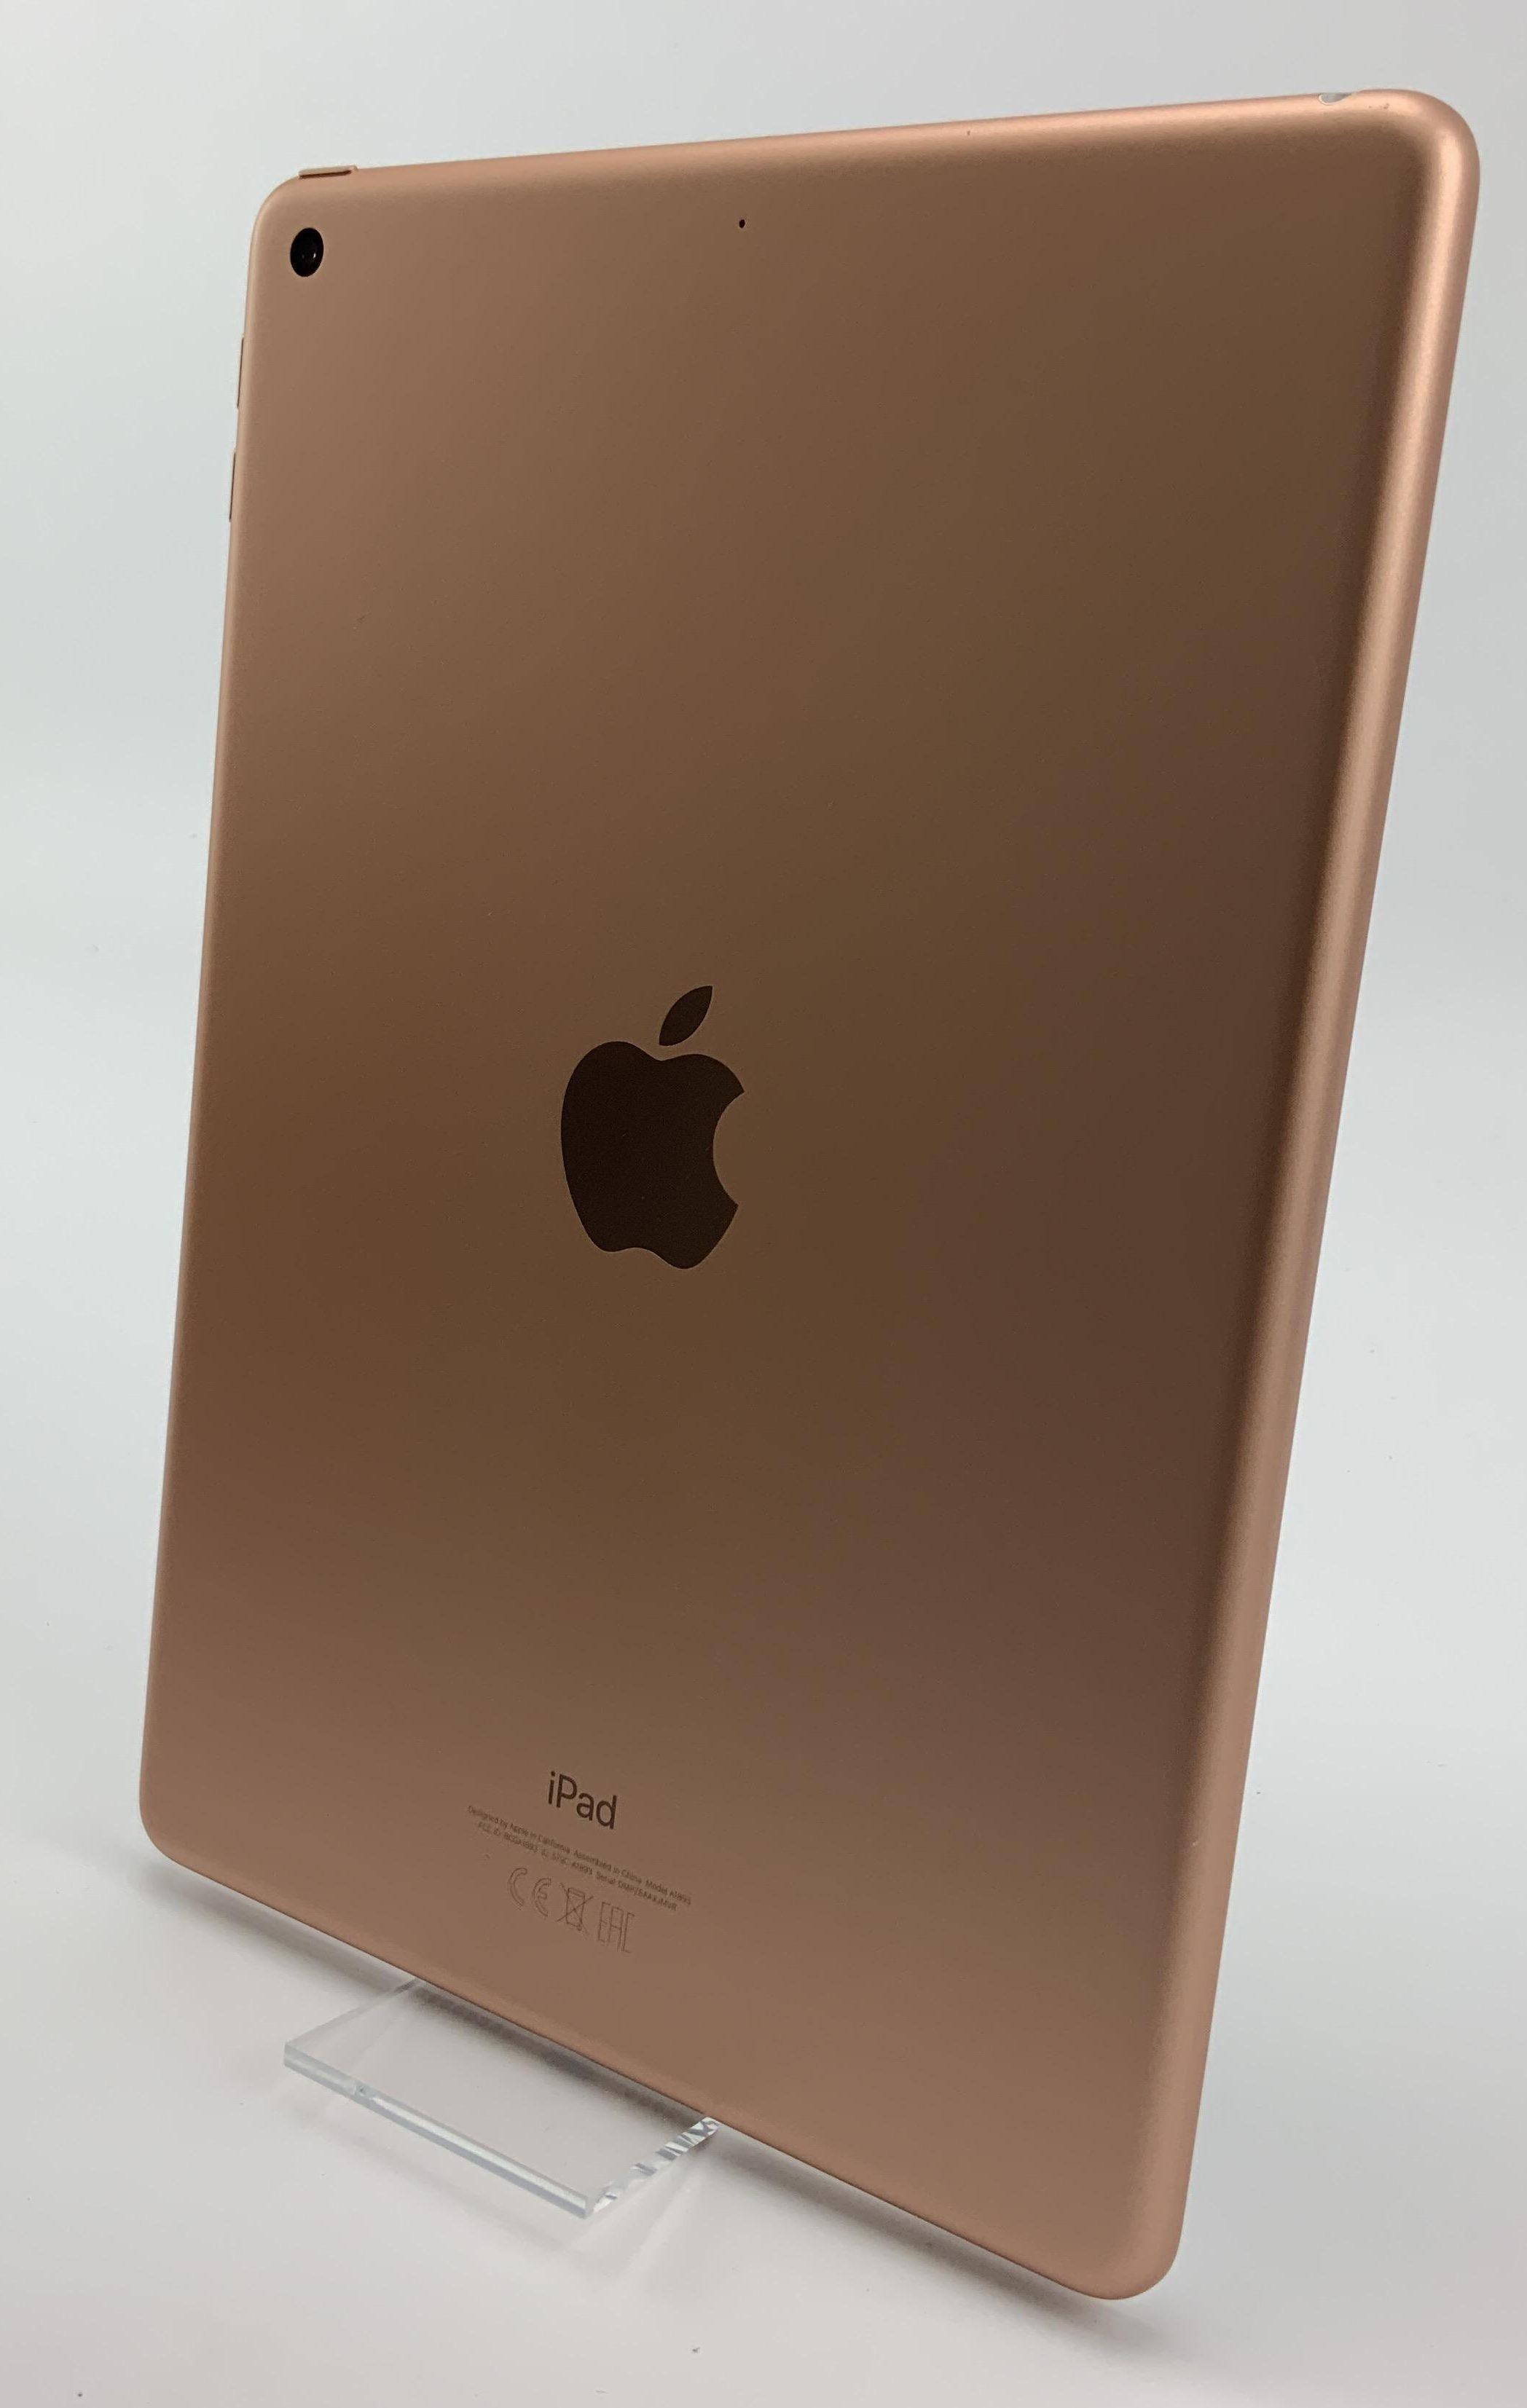 iPad 6 Wi-Fi 32GB, 32GB, Gold, Kuva 2